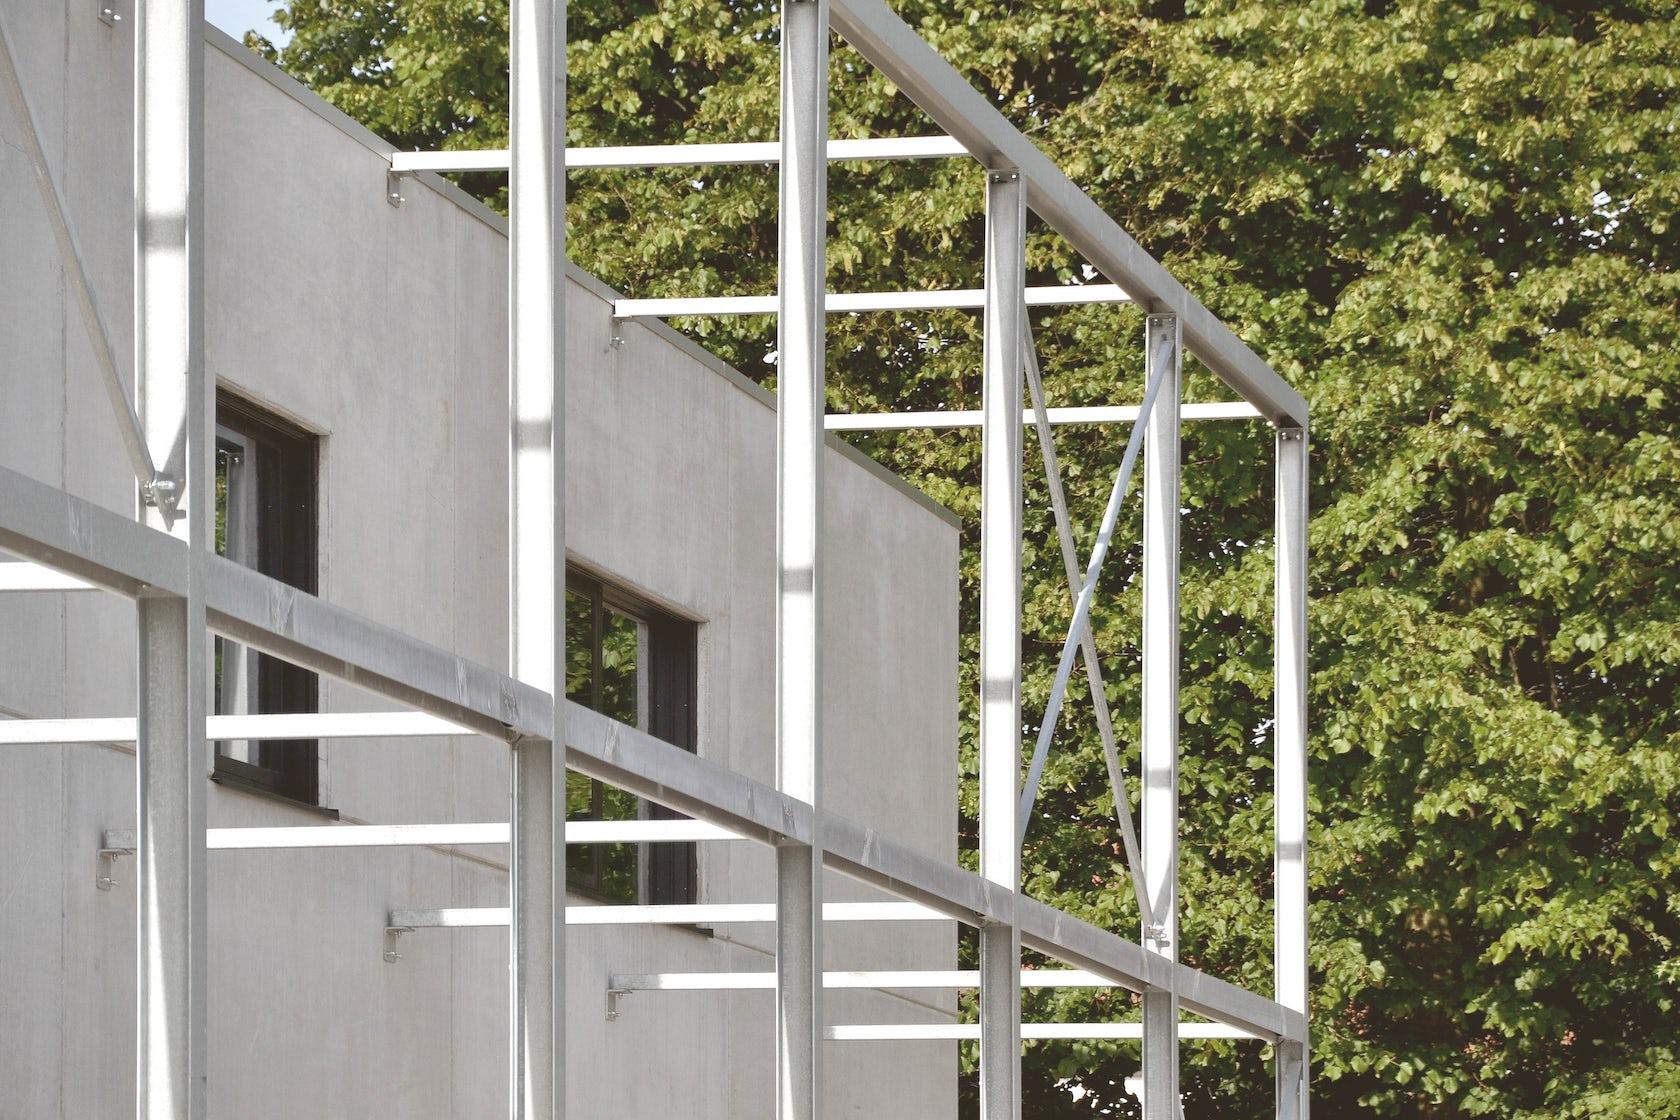 Park ter walle architizer for 60 park terrace west